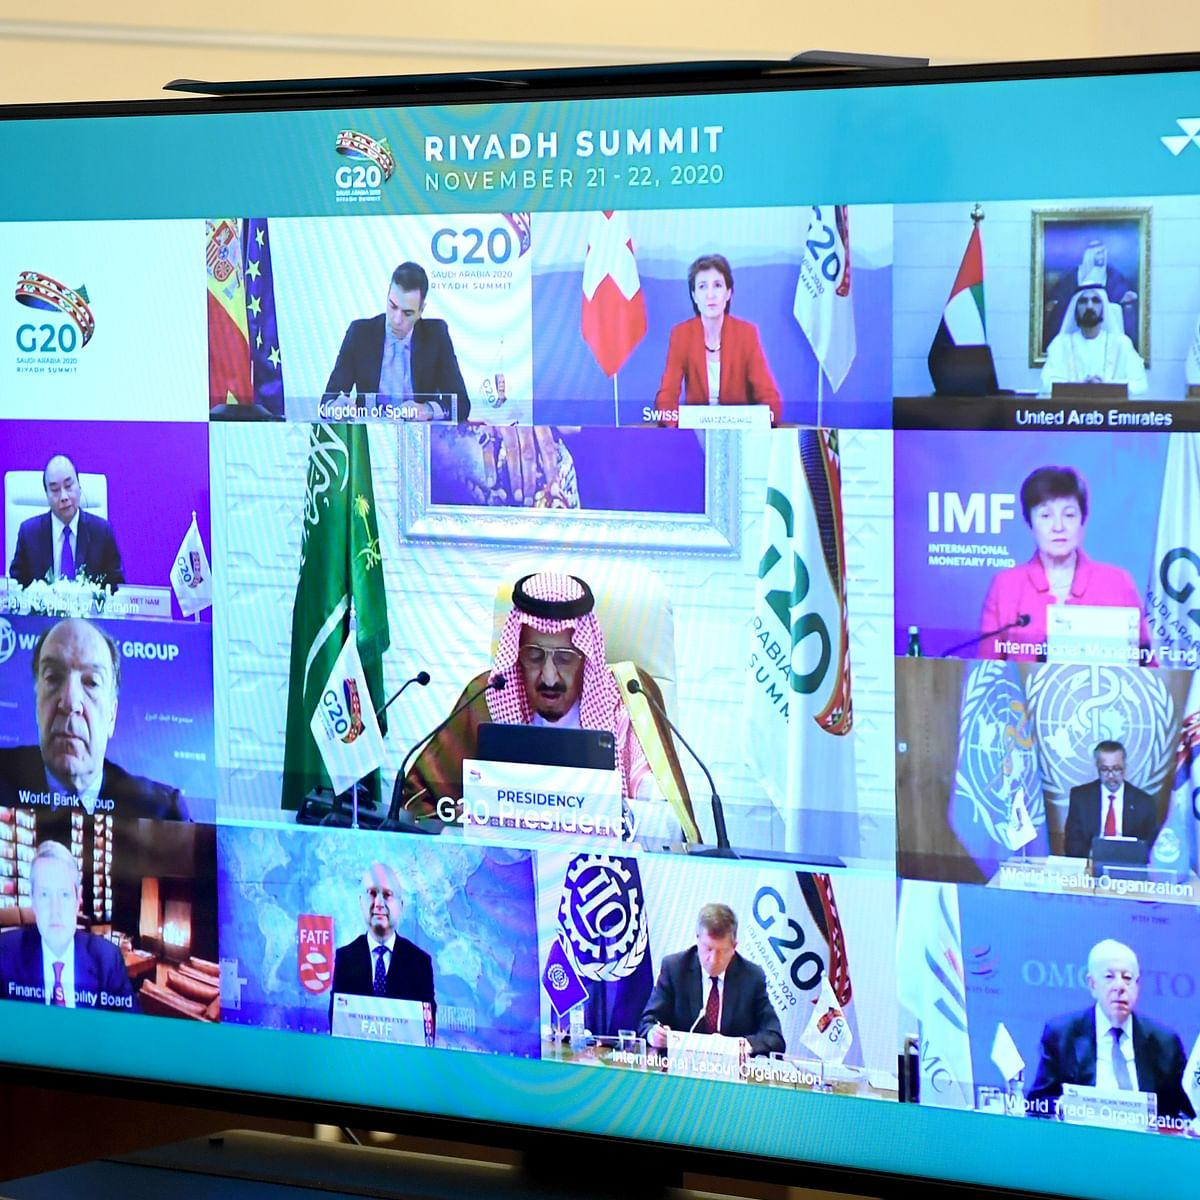 جی-20 اجلاس / Getty Images